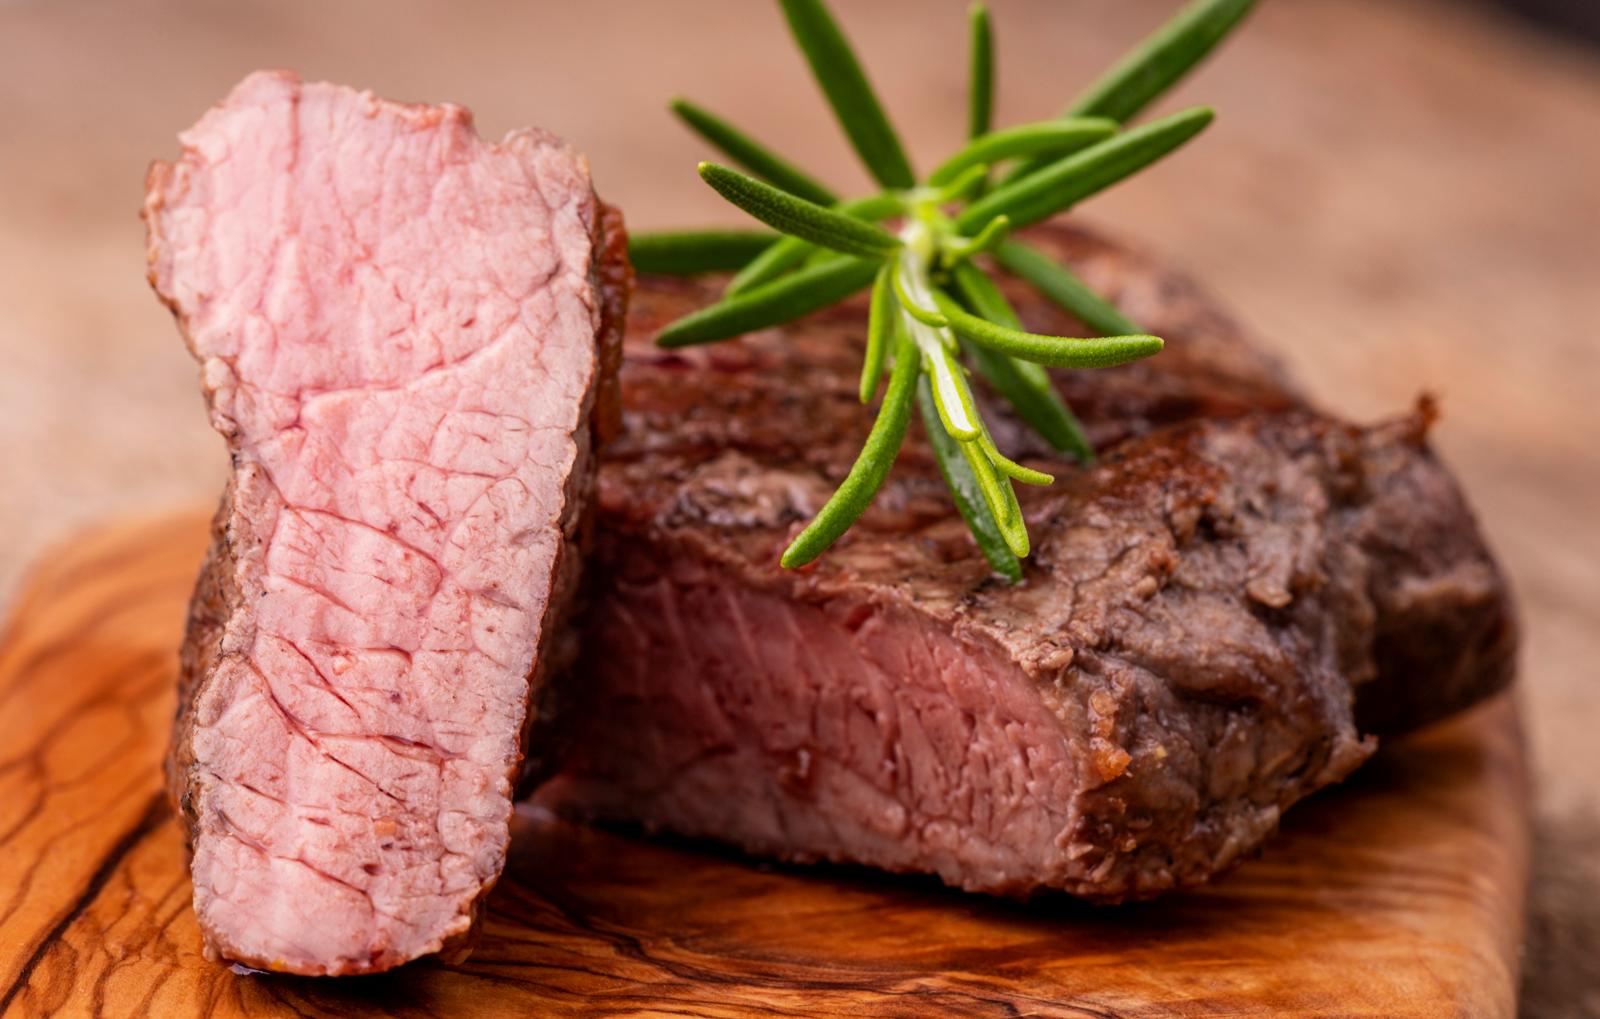 steak-tasting-chemnitz-bg1